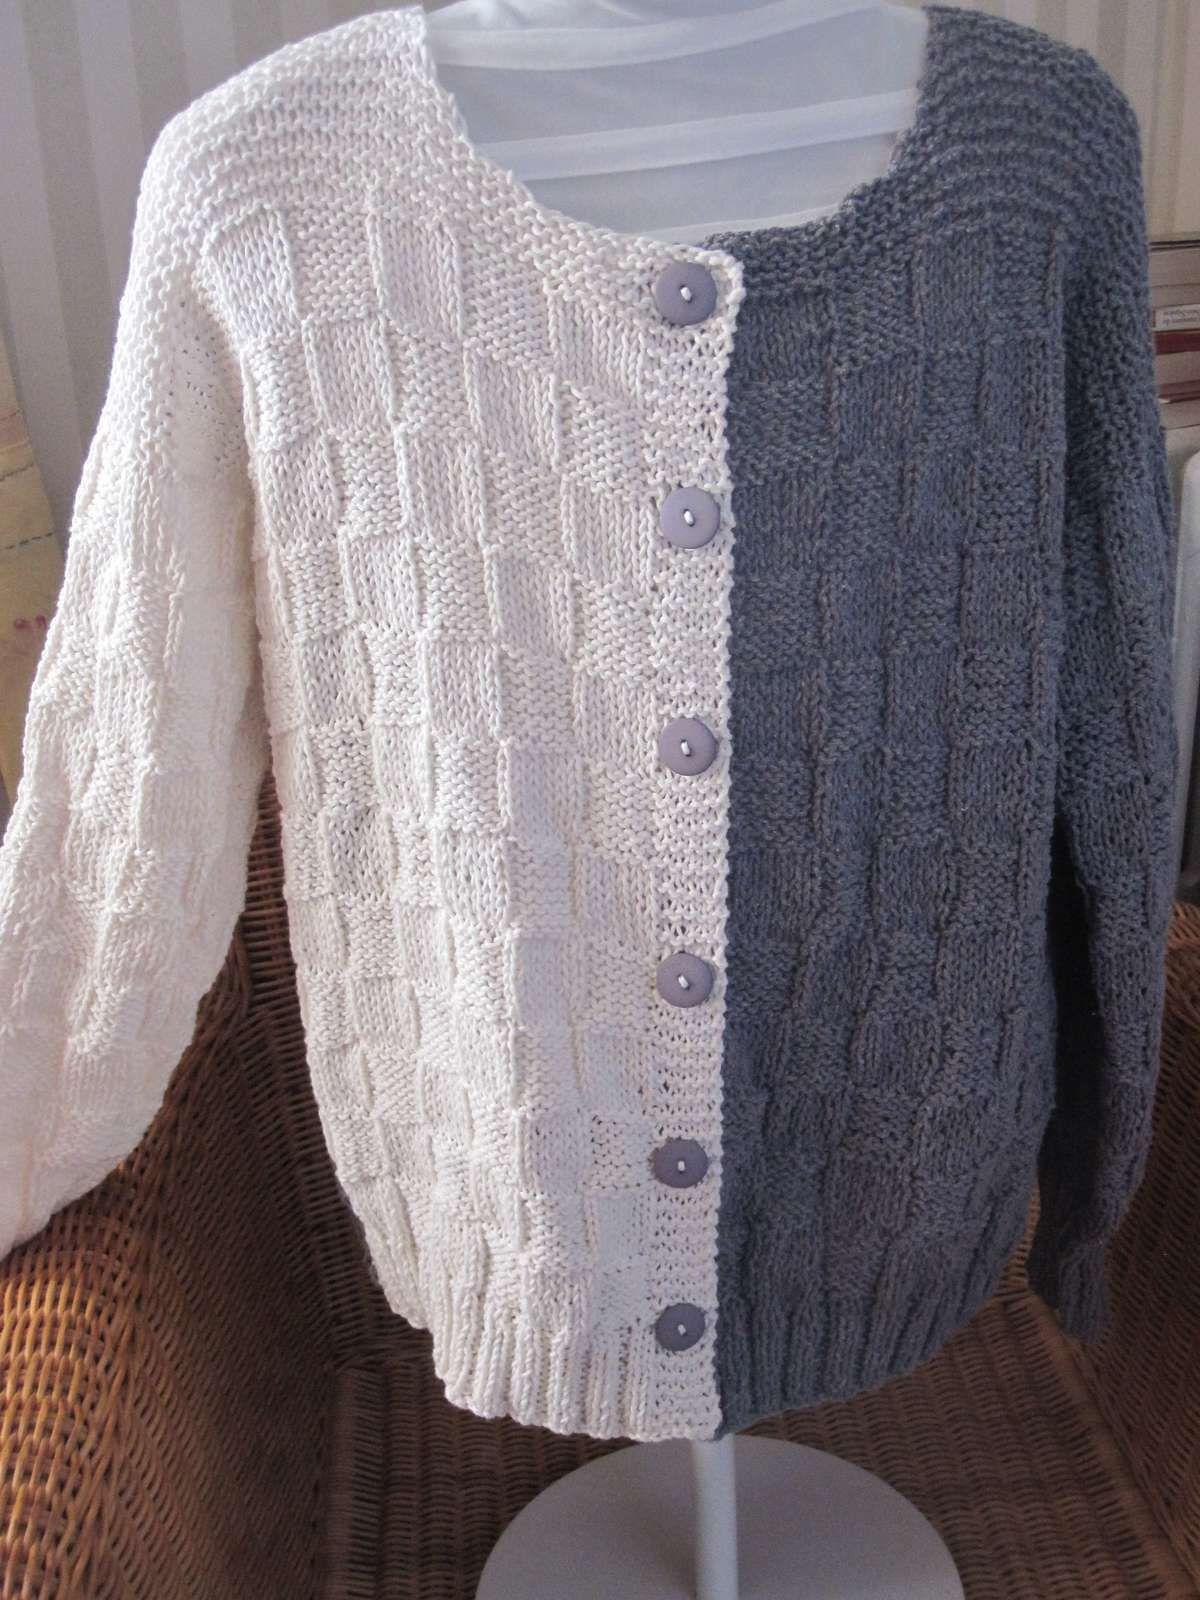 Philosophie du tricot de maison